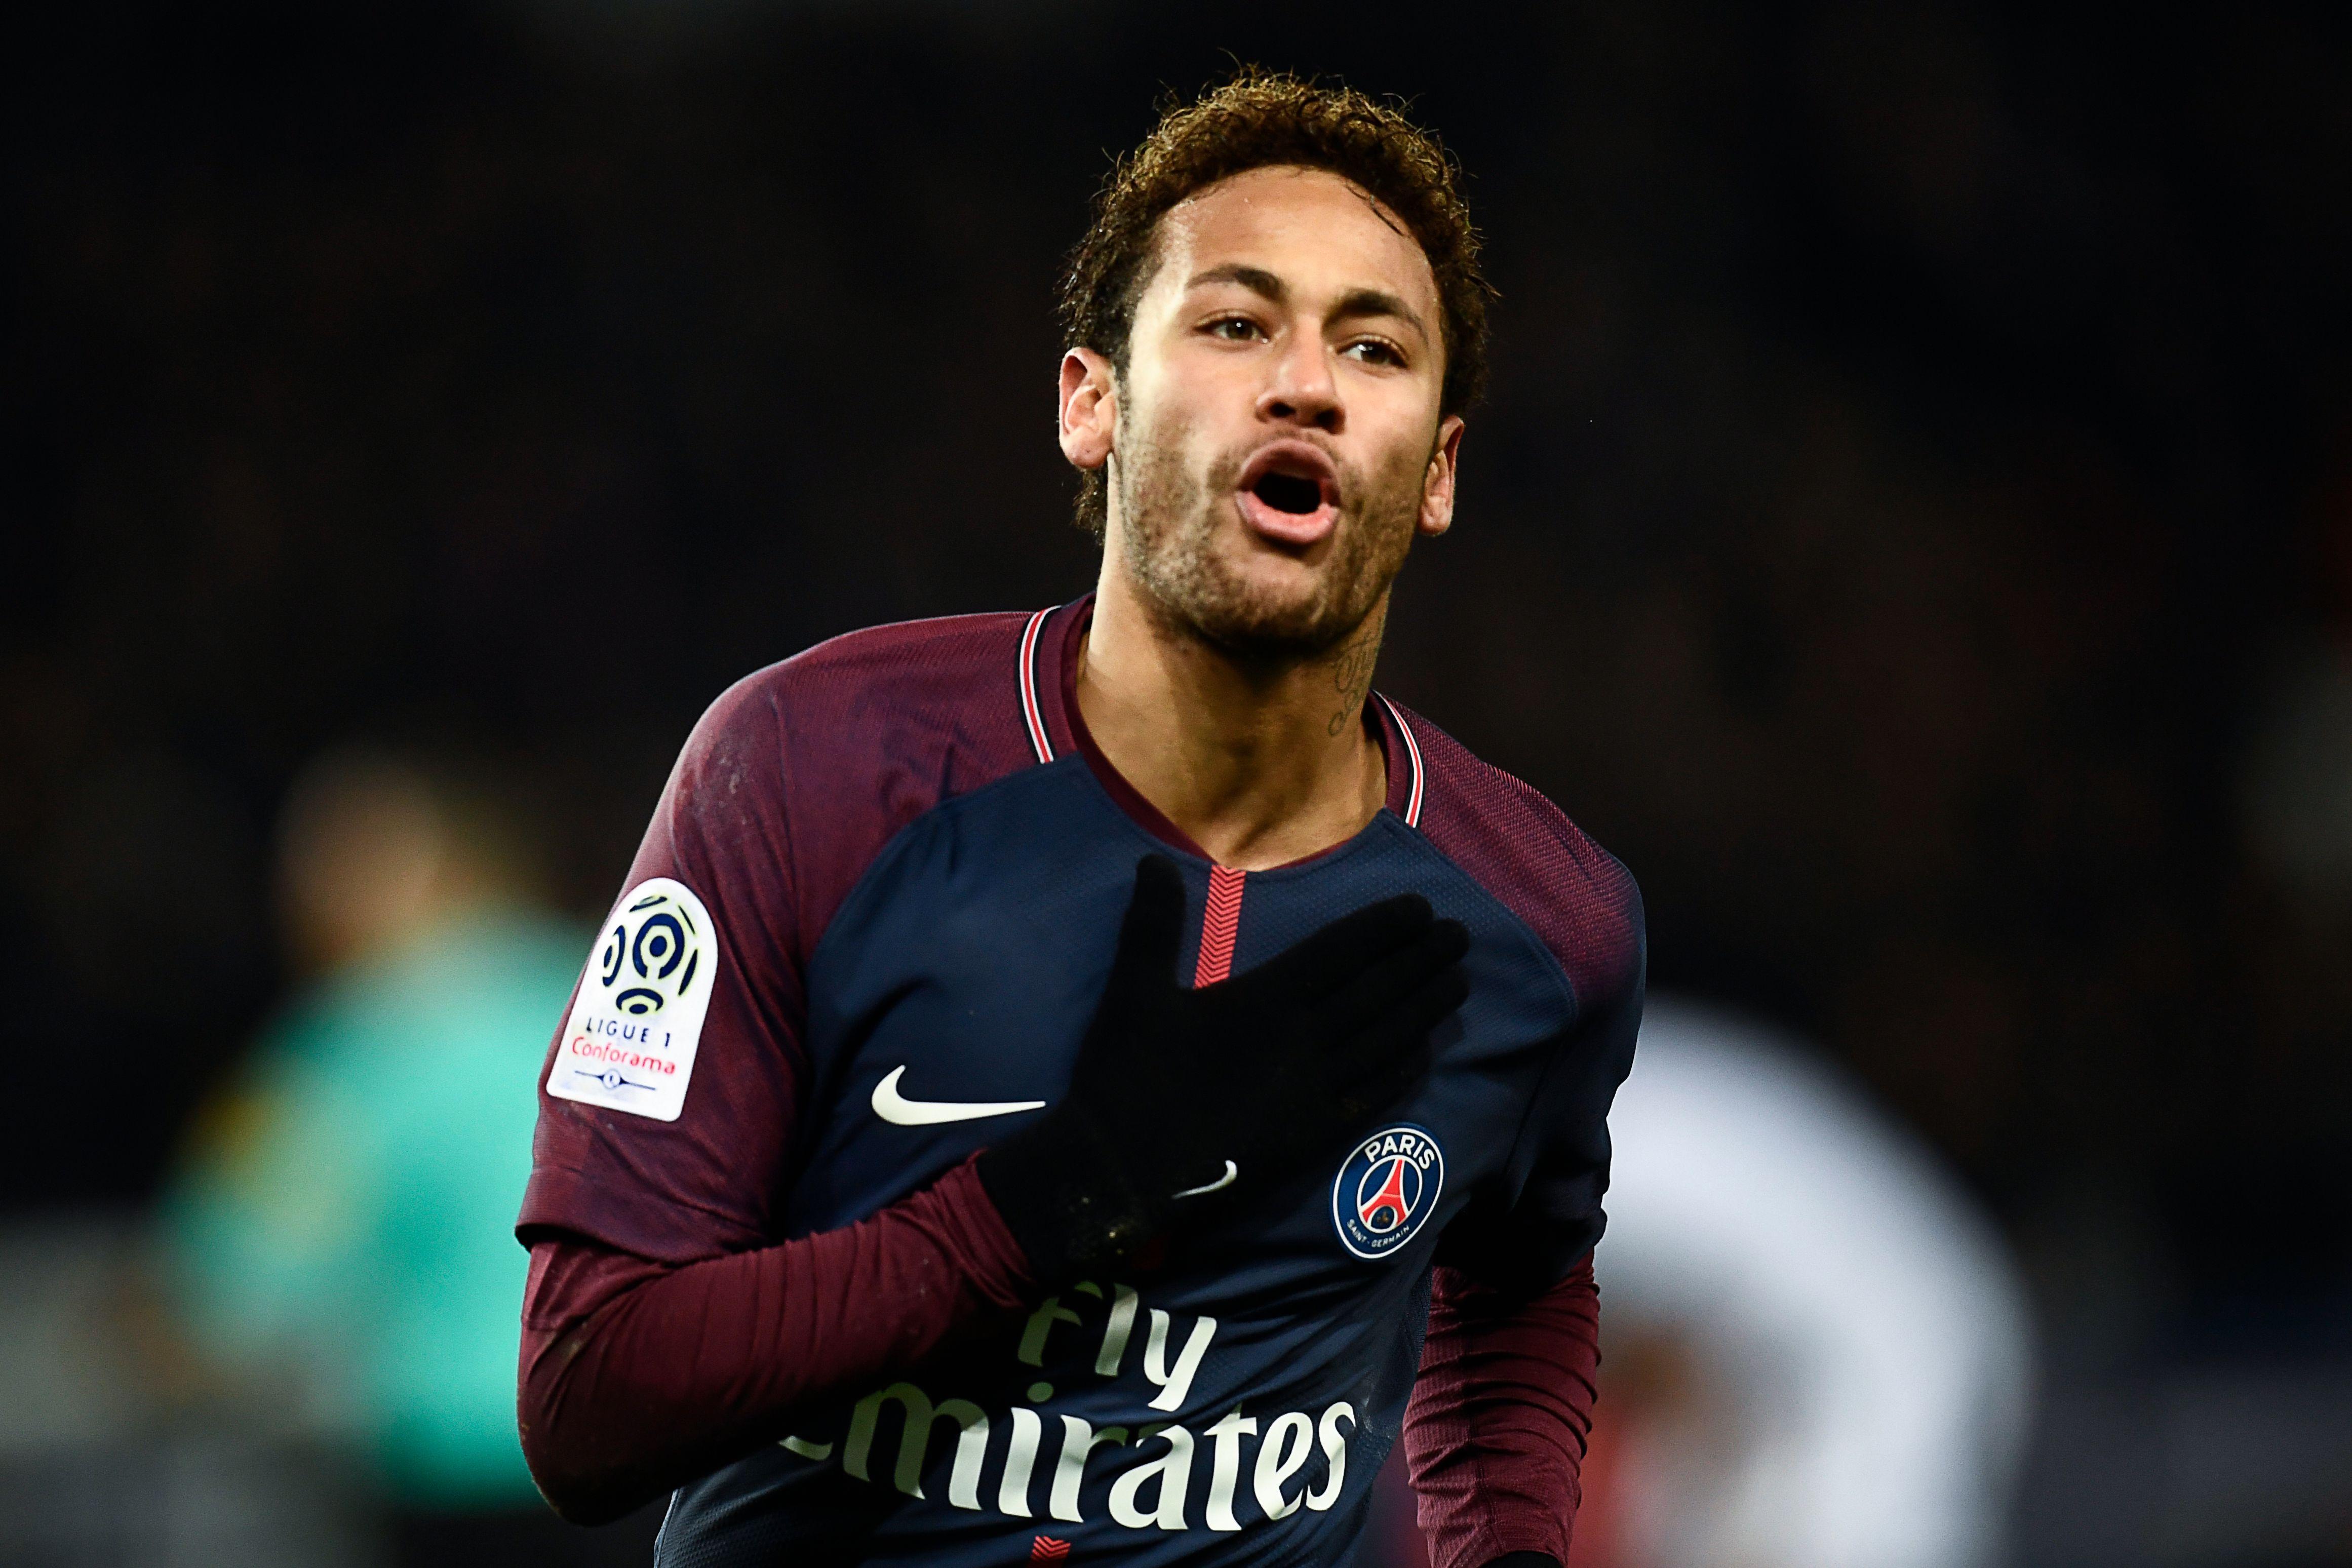 Vì Neymar, PSG tiếp tục khẩu chiến với Real Madrid - Bóng Đá